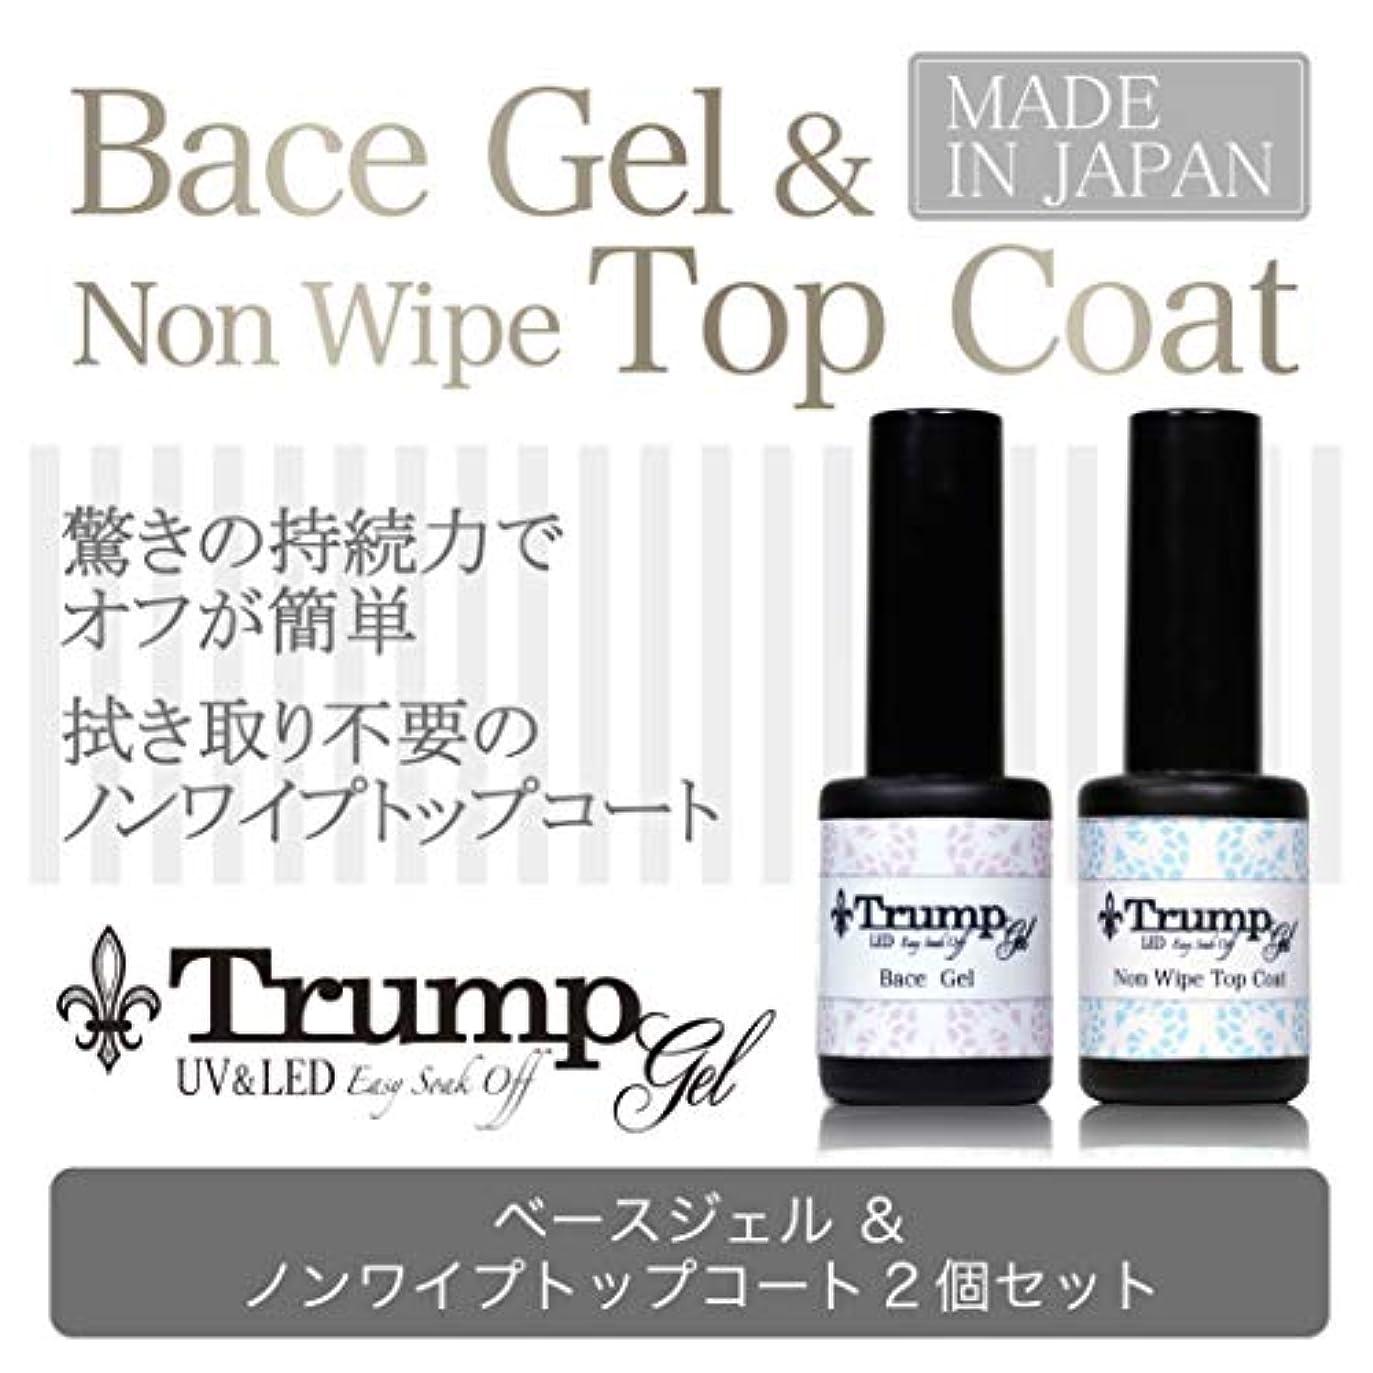 ホース誤平衡【日本製】Trump Gel ジェルネイルUV LED ベースジェル & ノンワイプトップコート 大容量10g×2本セット